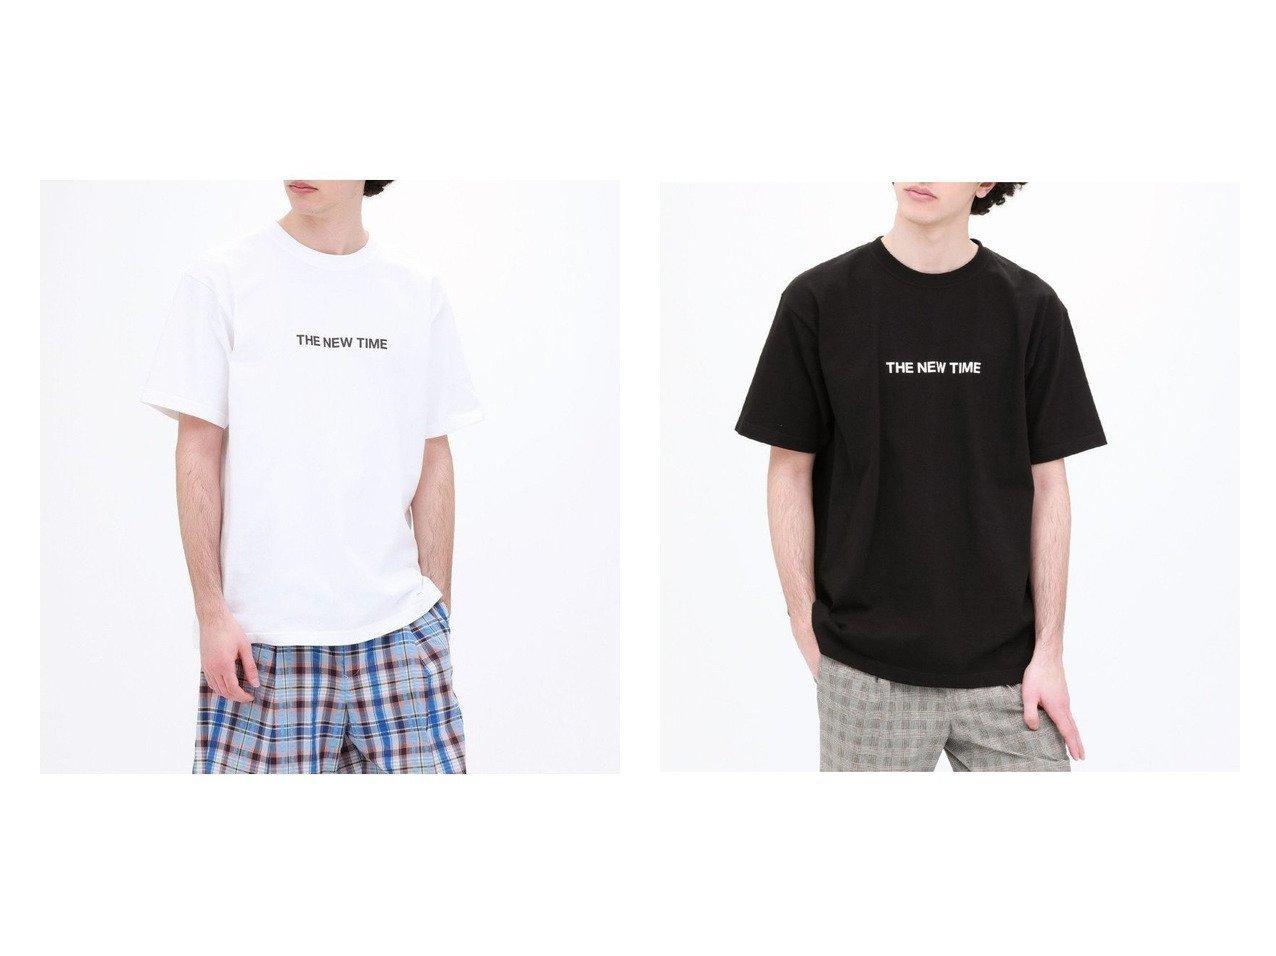 【LOVELESS / MEN/ラブレス】のTHE NEW TIME ロゴT 【MEN】おすすめ!人気トレンド・男性、メンズファッションの通販 おすすめで人気の流行・トレンド、ファッションの通販商品 メンズファッション・キッズファッション・インテリア・家具・レディースファッション・服の通販 founy(ファニー) https://founy.com/ ファッション Fashion メンズファッション MEN トップス Tops Tshirt Men シャツ Shirts カットソー プリント モノトーン 半袖 |ID:crp329100000018446